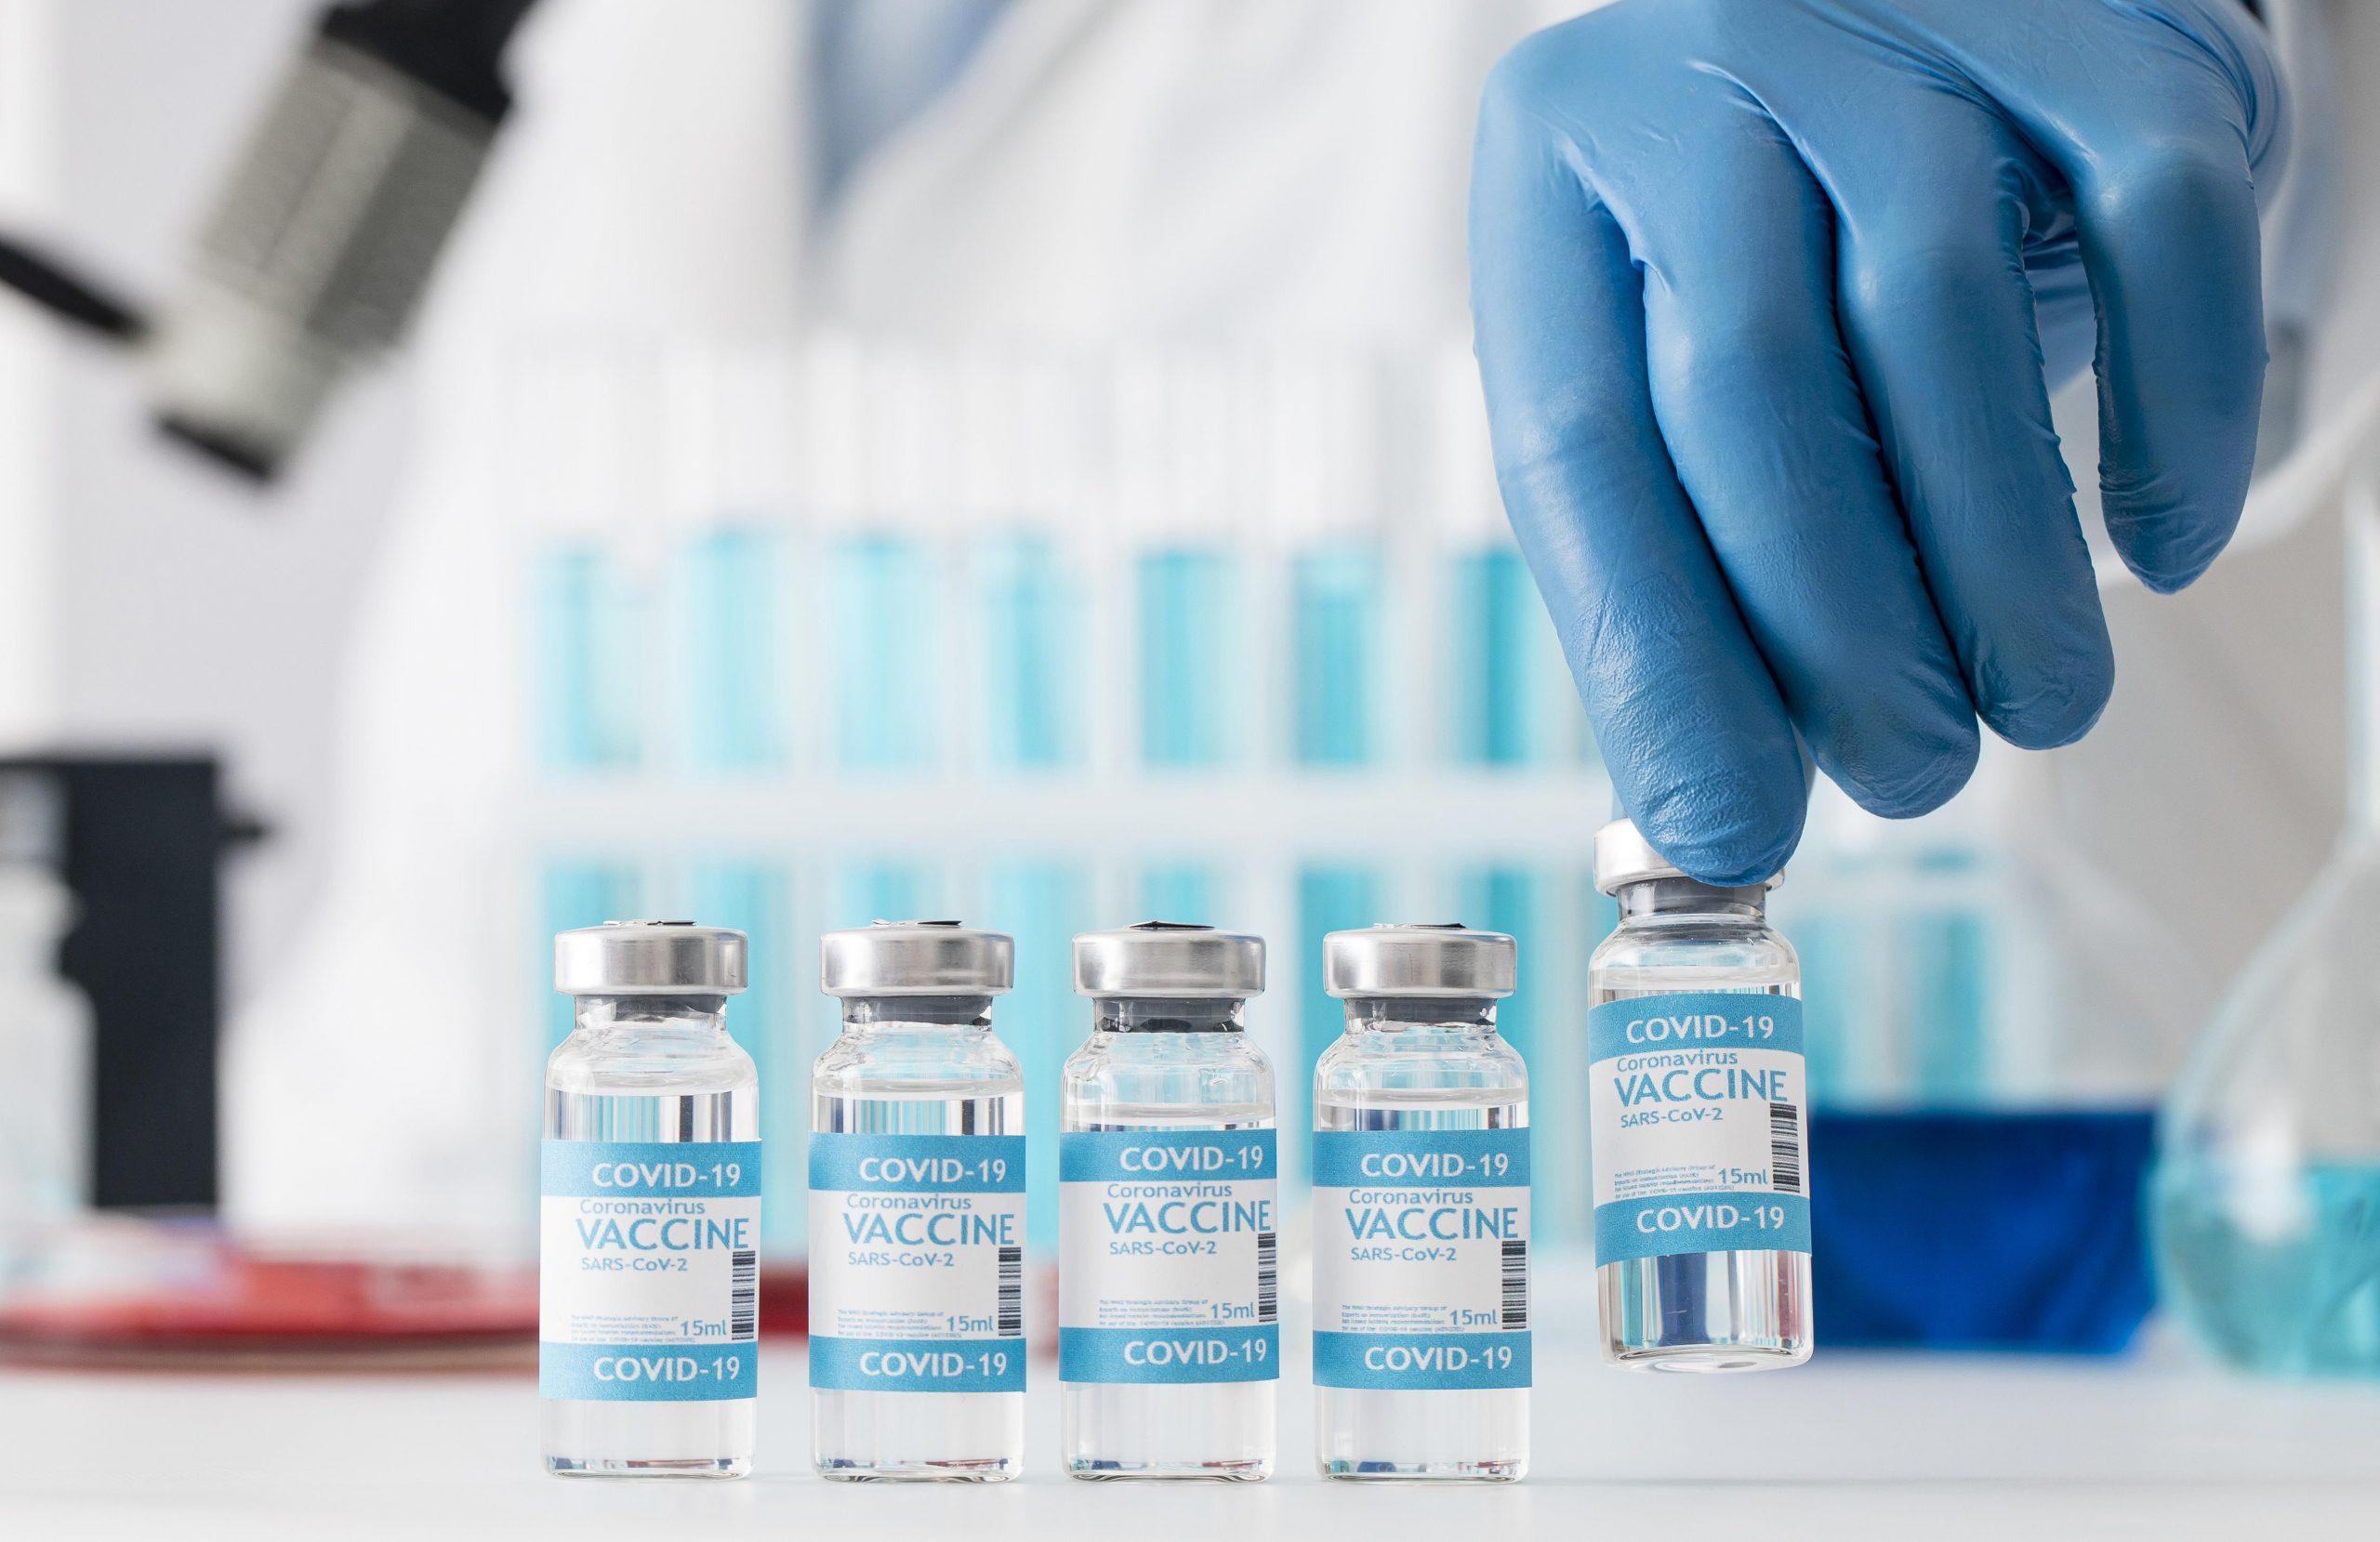 coronavirus-vaccine-composition-in-lab-scaled Casi 1.5 millones de dosis administradas en Canarias